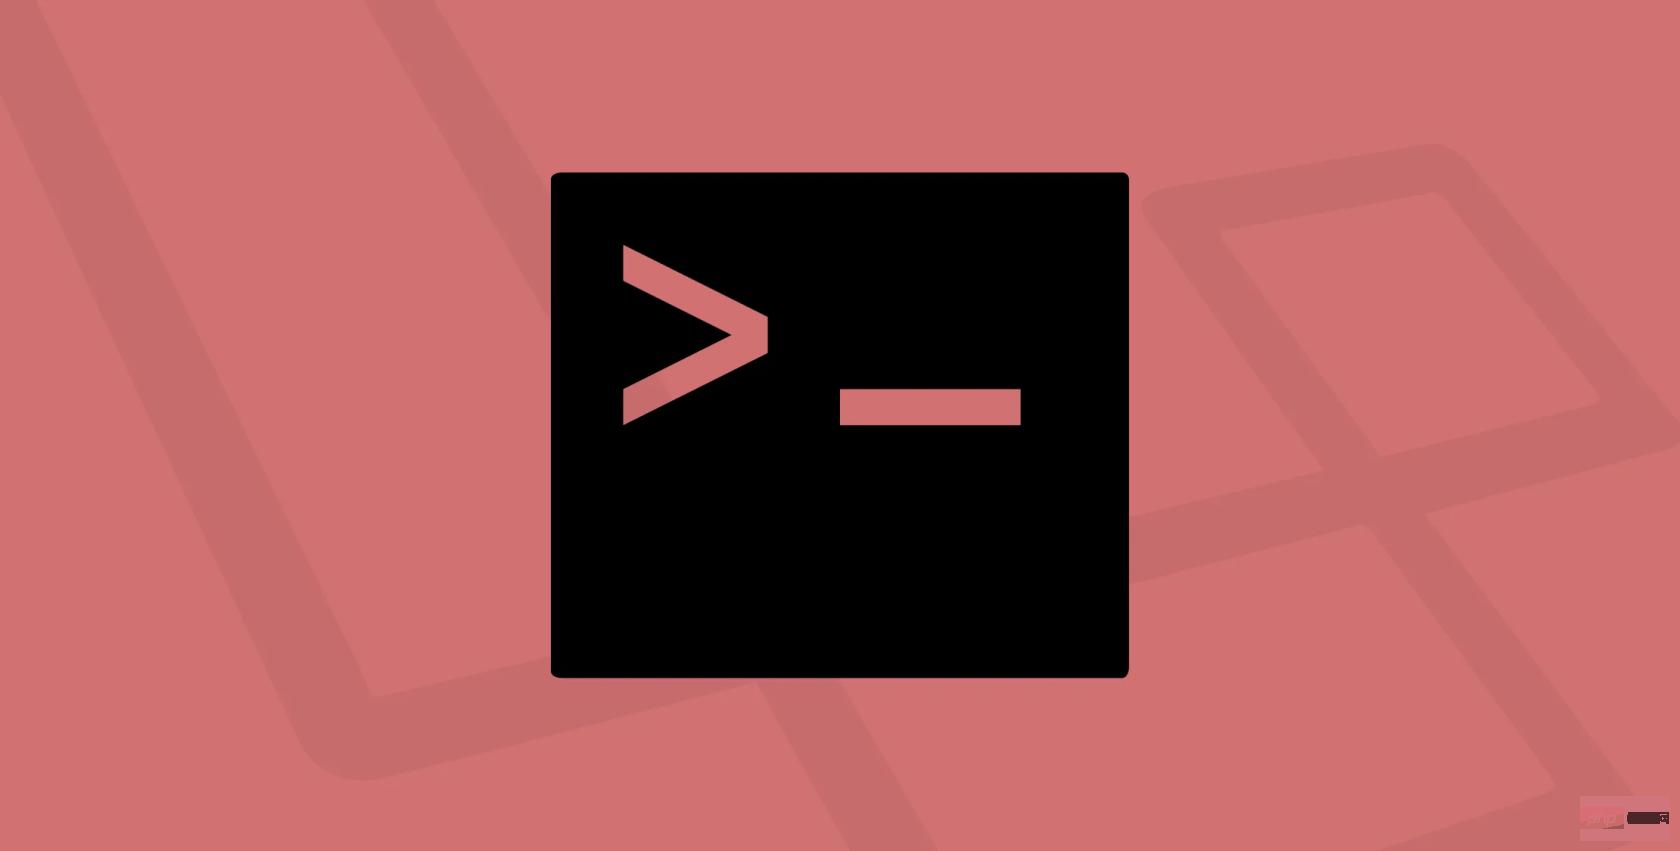 教你安装更新 Laravel 安装器_亿码酷站_亿码酷站